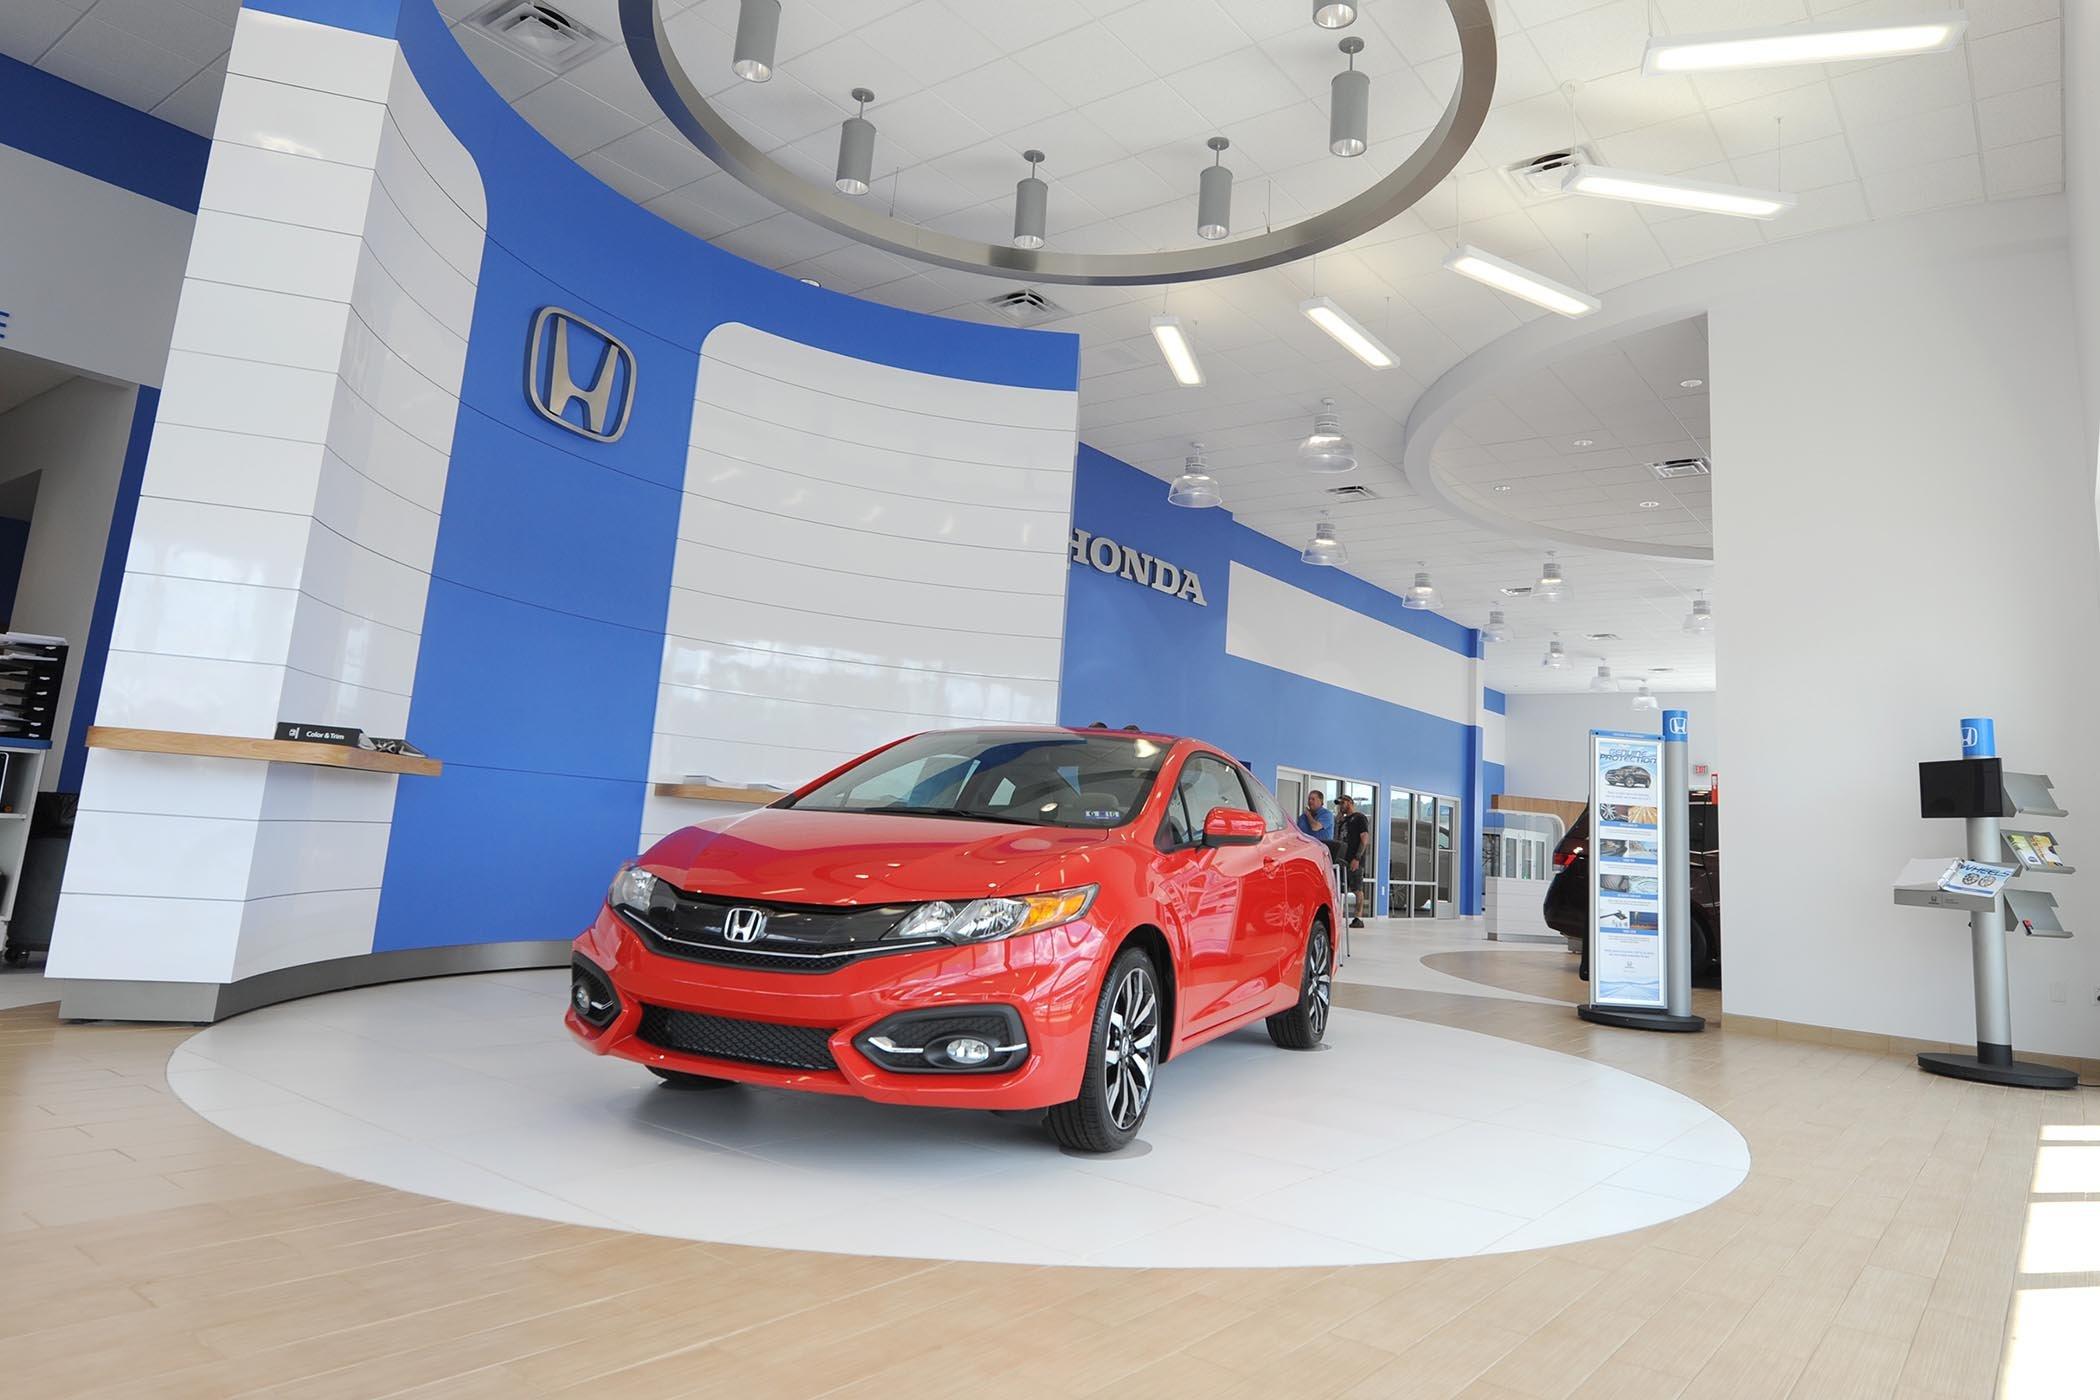 About lester raines honda south charleston wv honda dealer for Honda dealers in wv